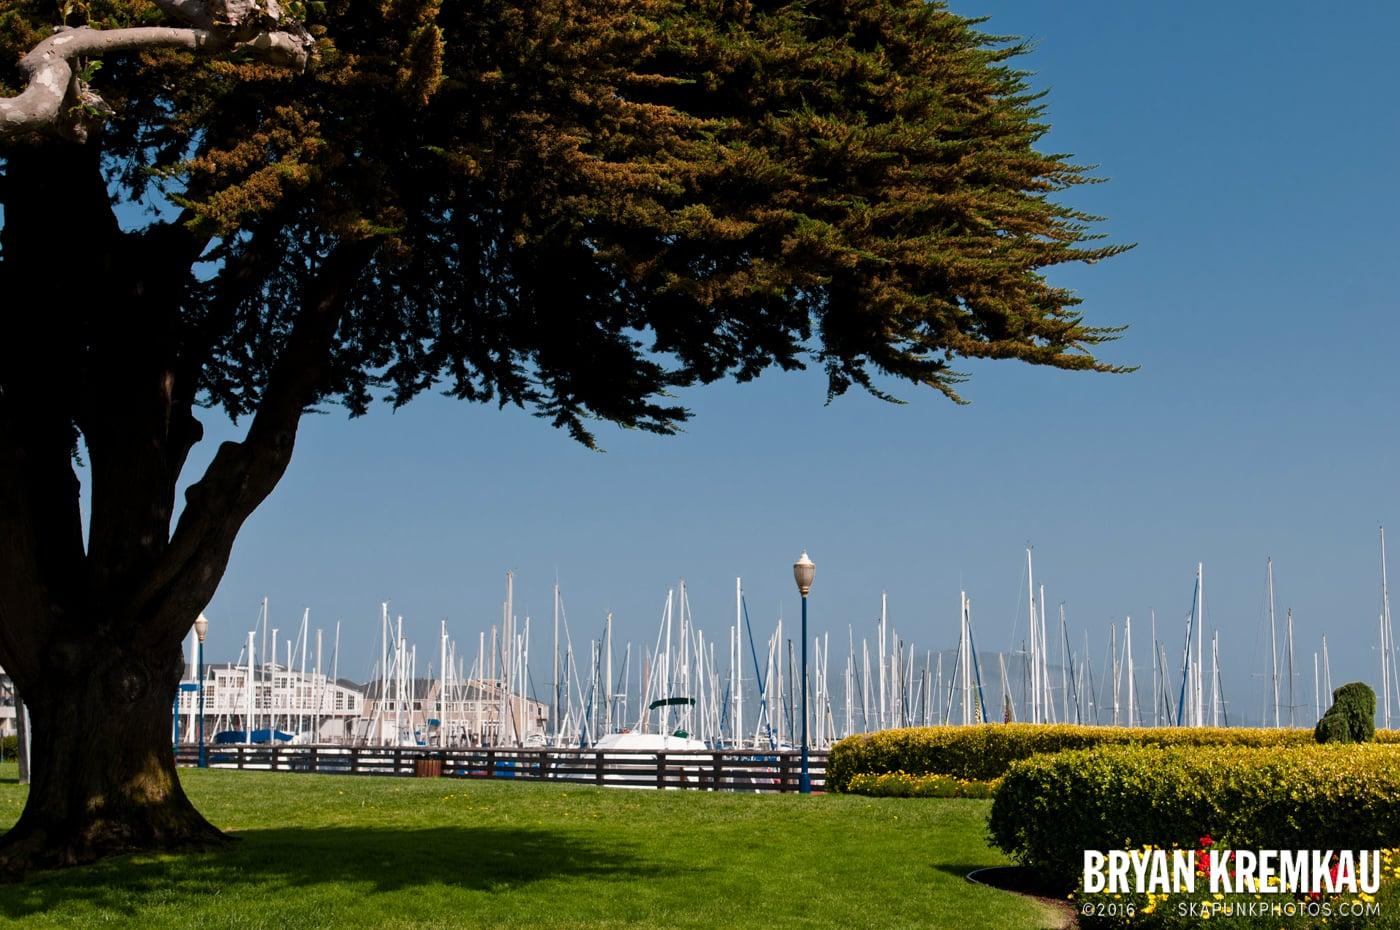 San Francisco Vacation - Day 2 - 4.29.12 (65)